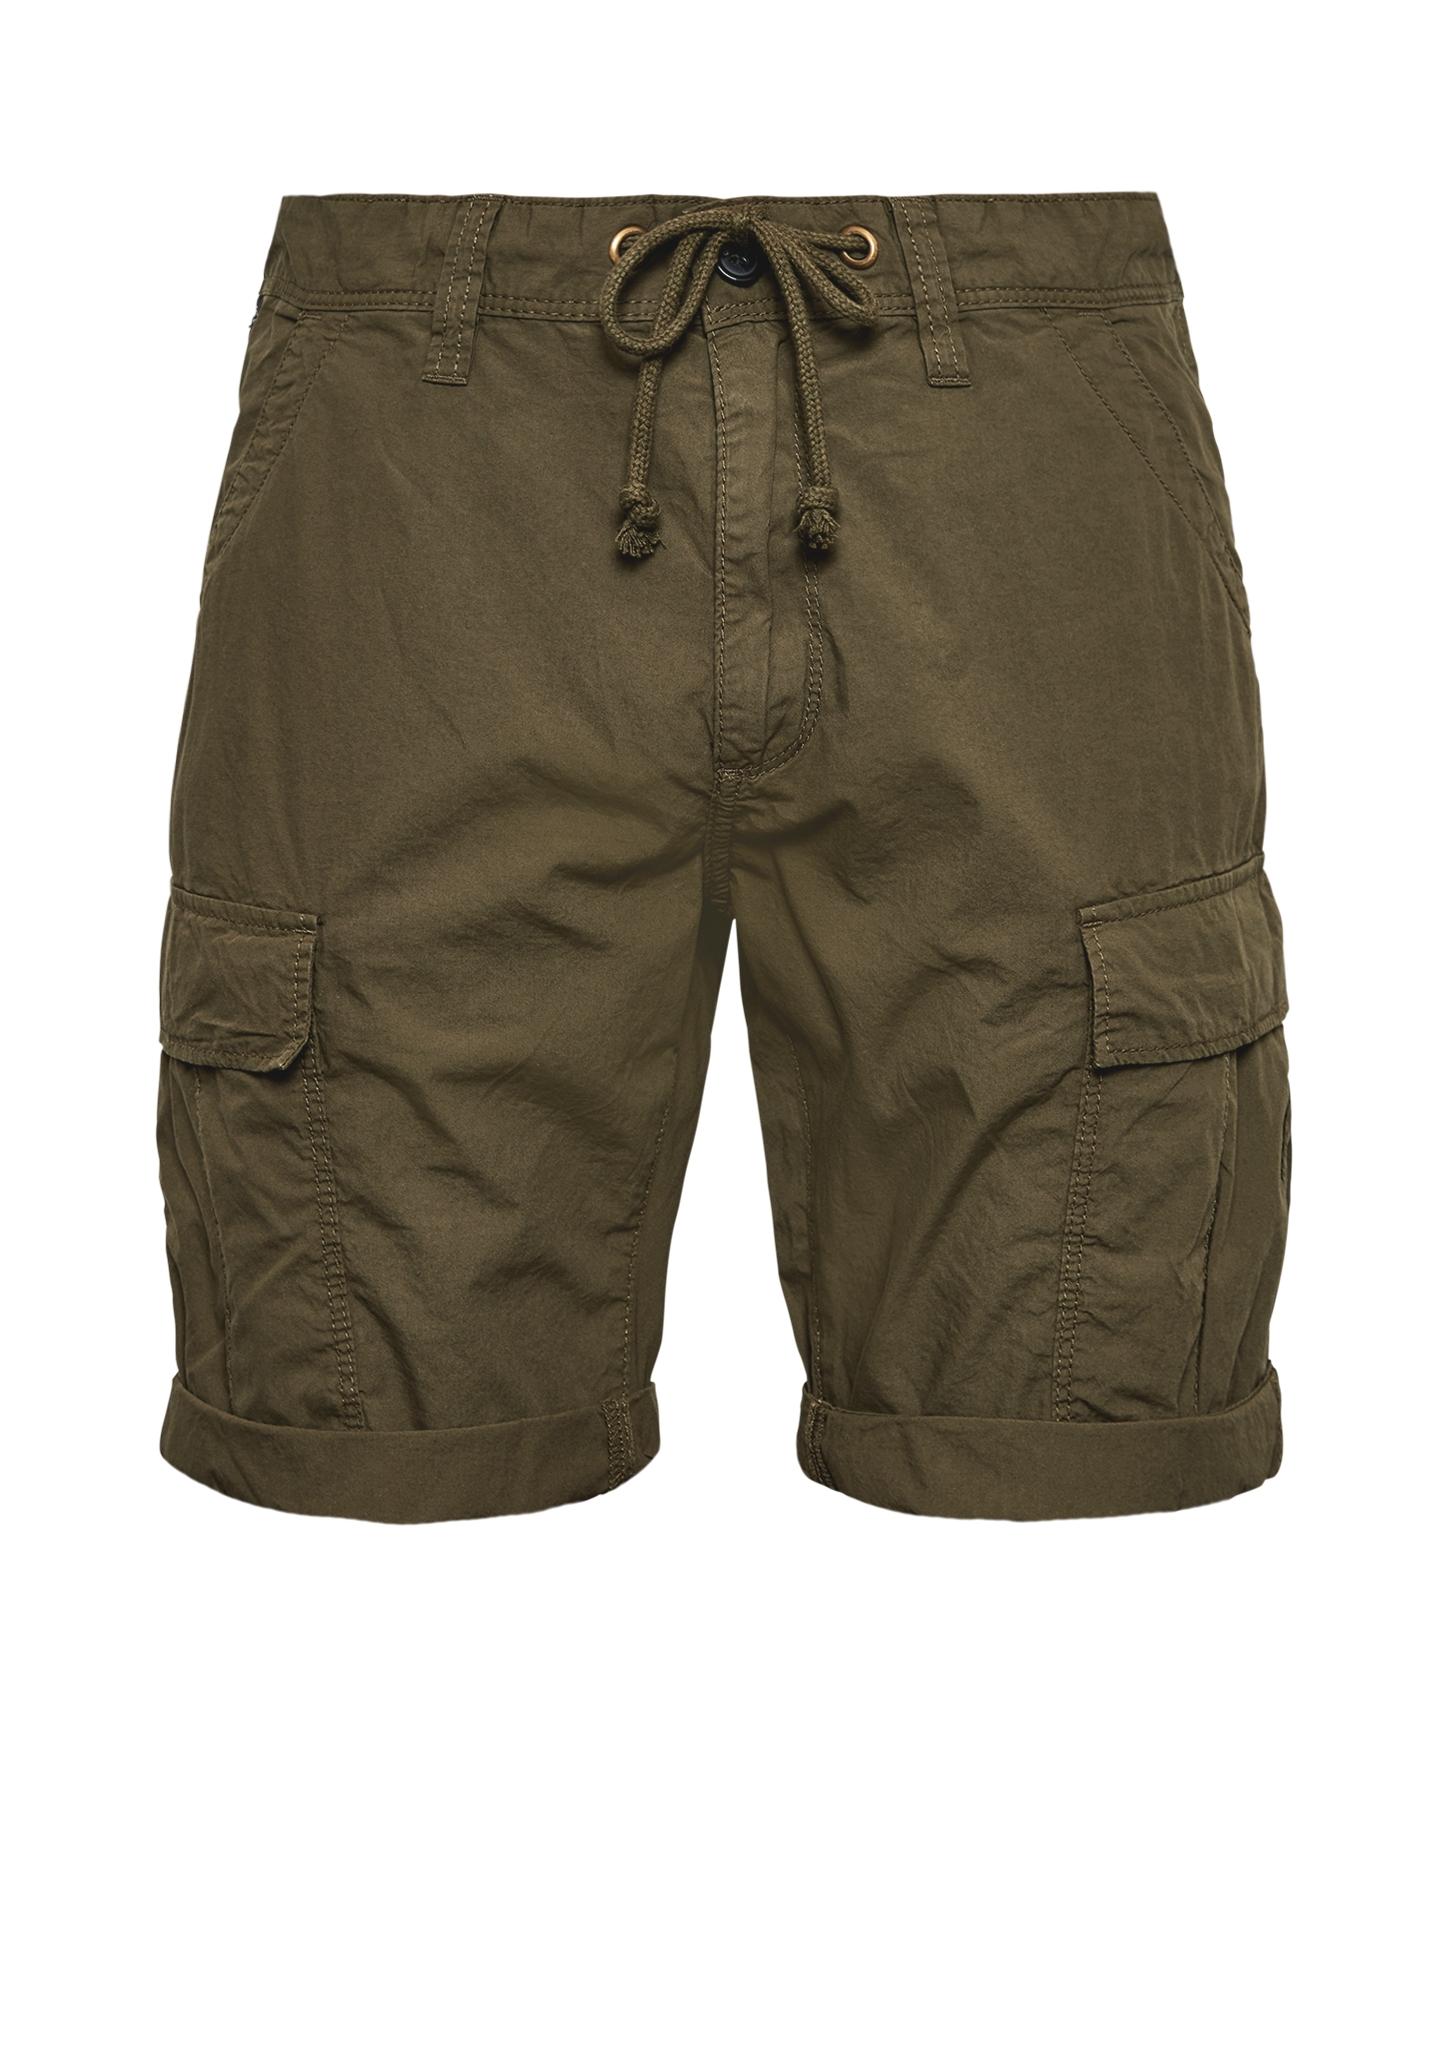 Bermuda | Bekleidung > Shorts & Bermudas | Grün | 100% baumwolle | Q/S designed by